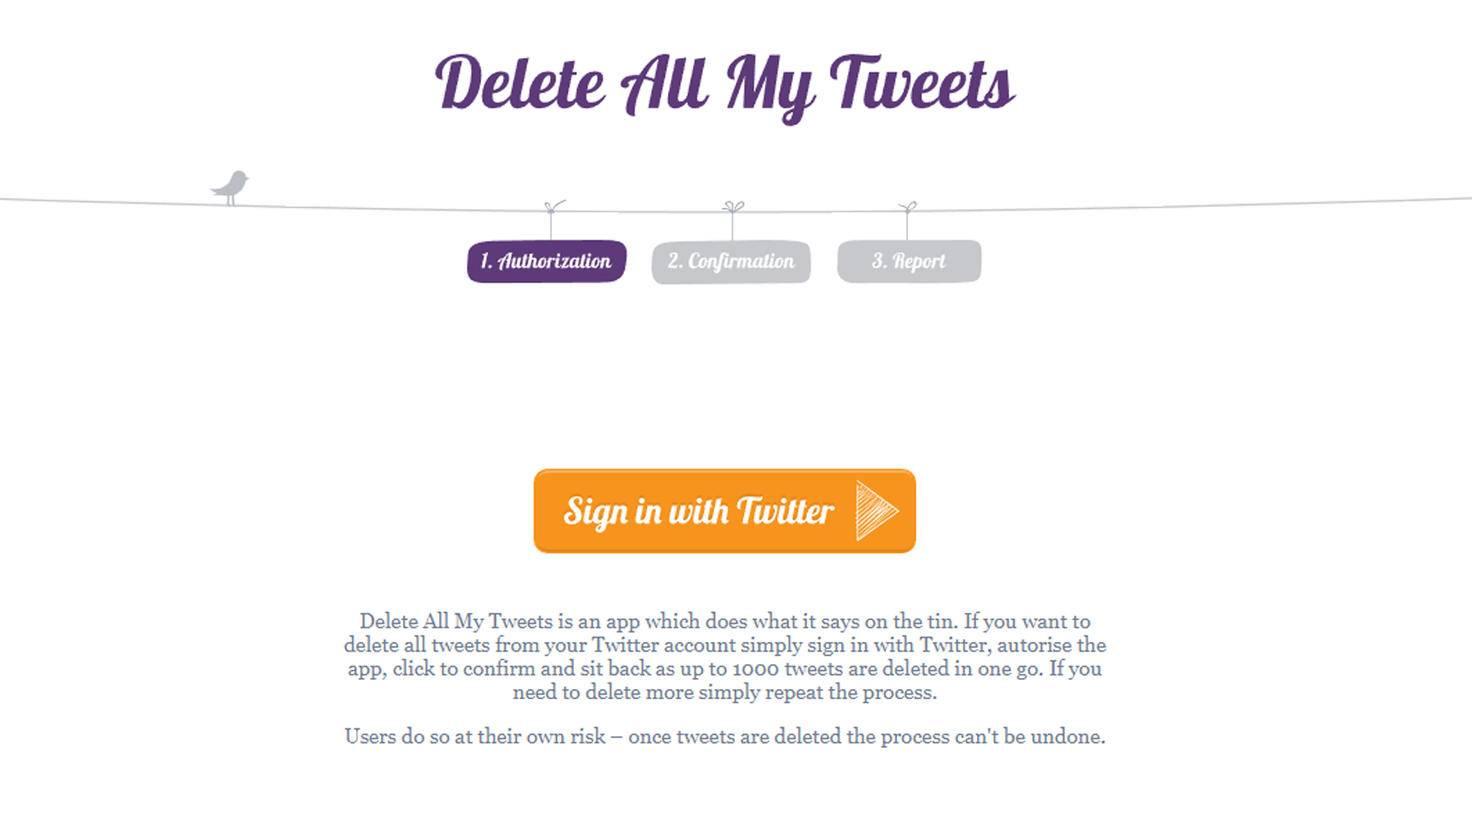 Ja, bitte einmal alle Tweets löschen!